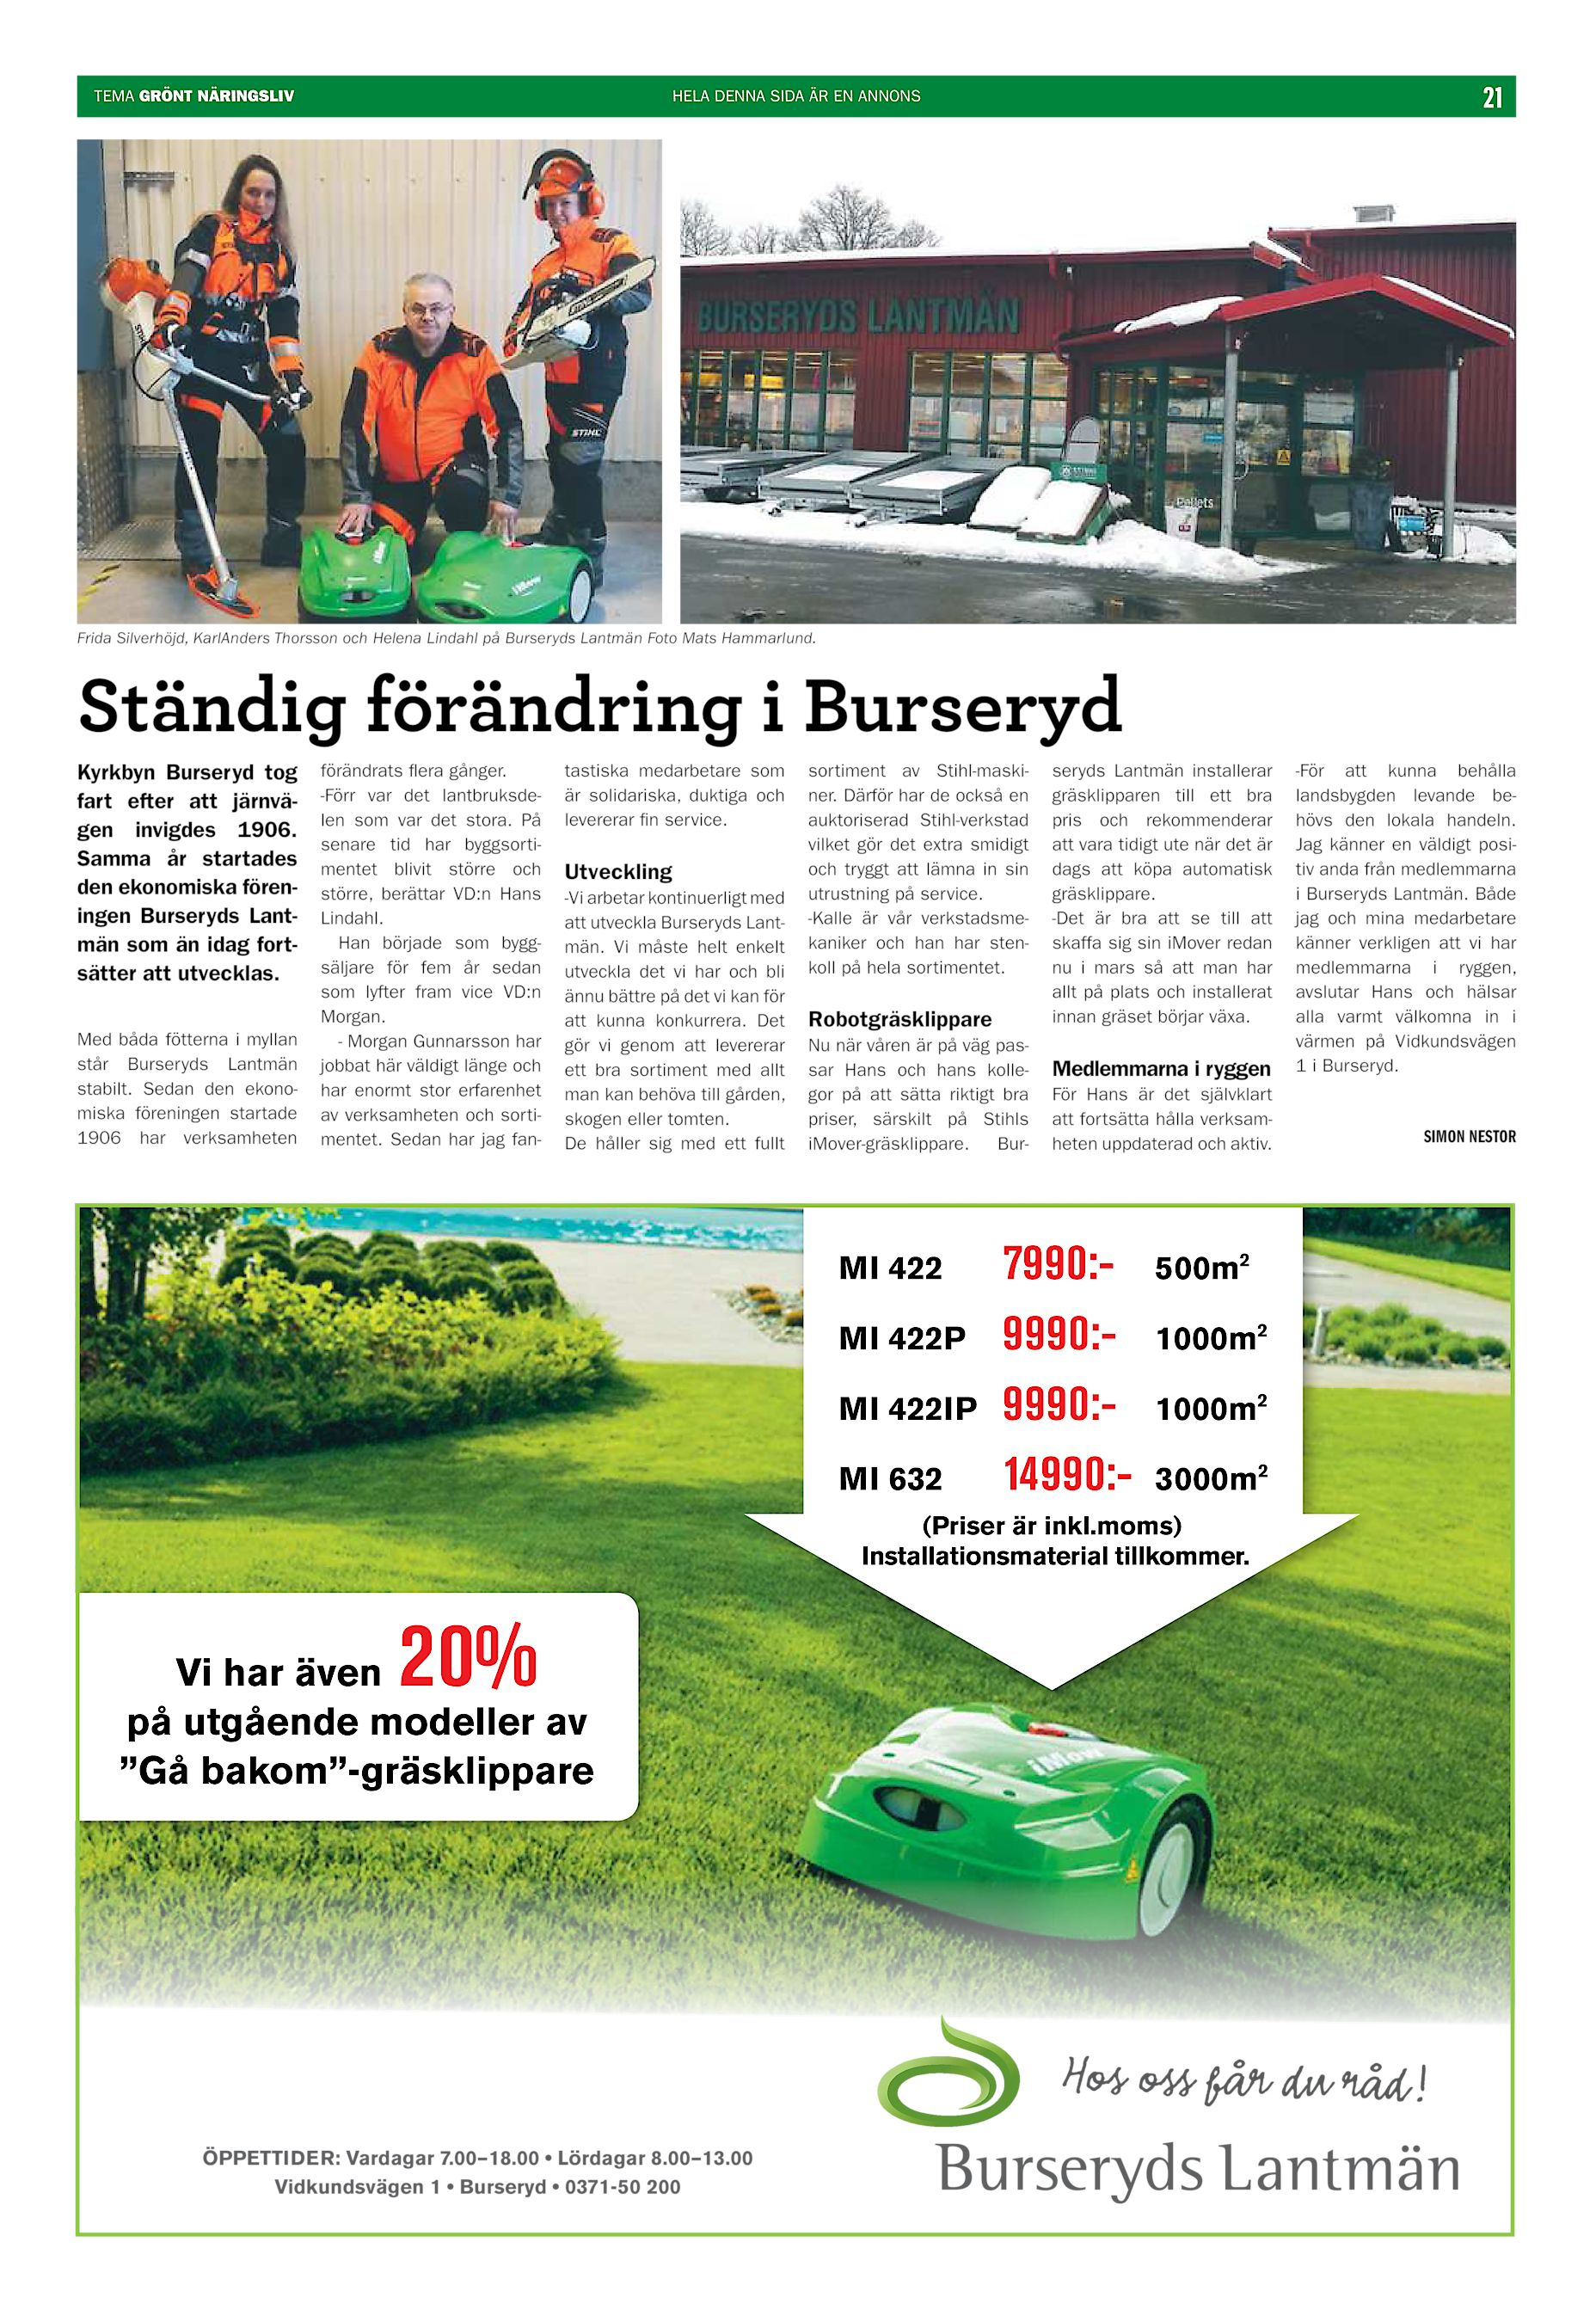 Vattenläcka i Burseryd åtgärdad - festivalscork.com